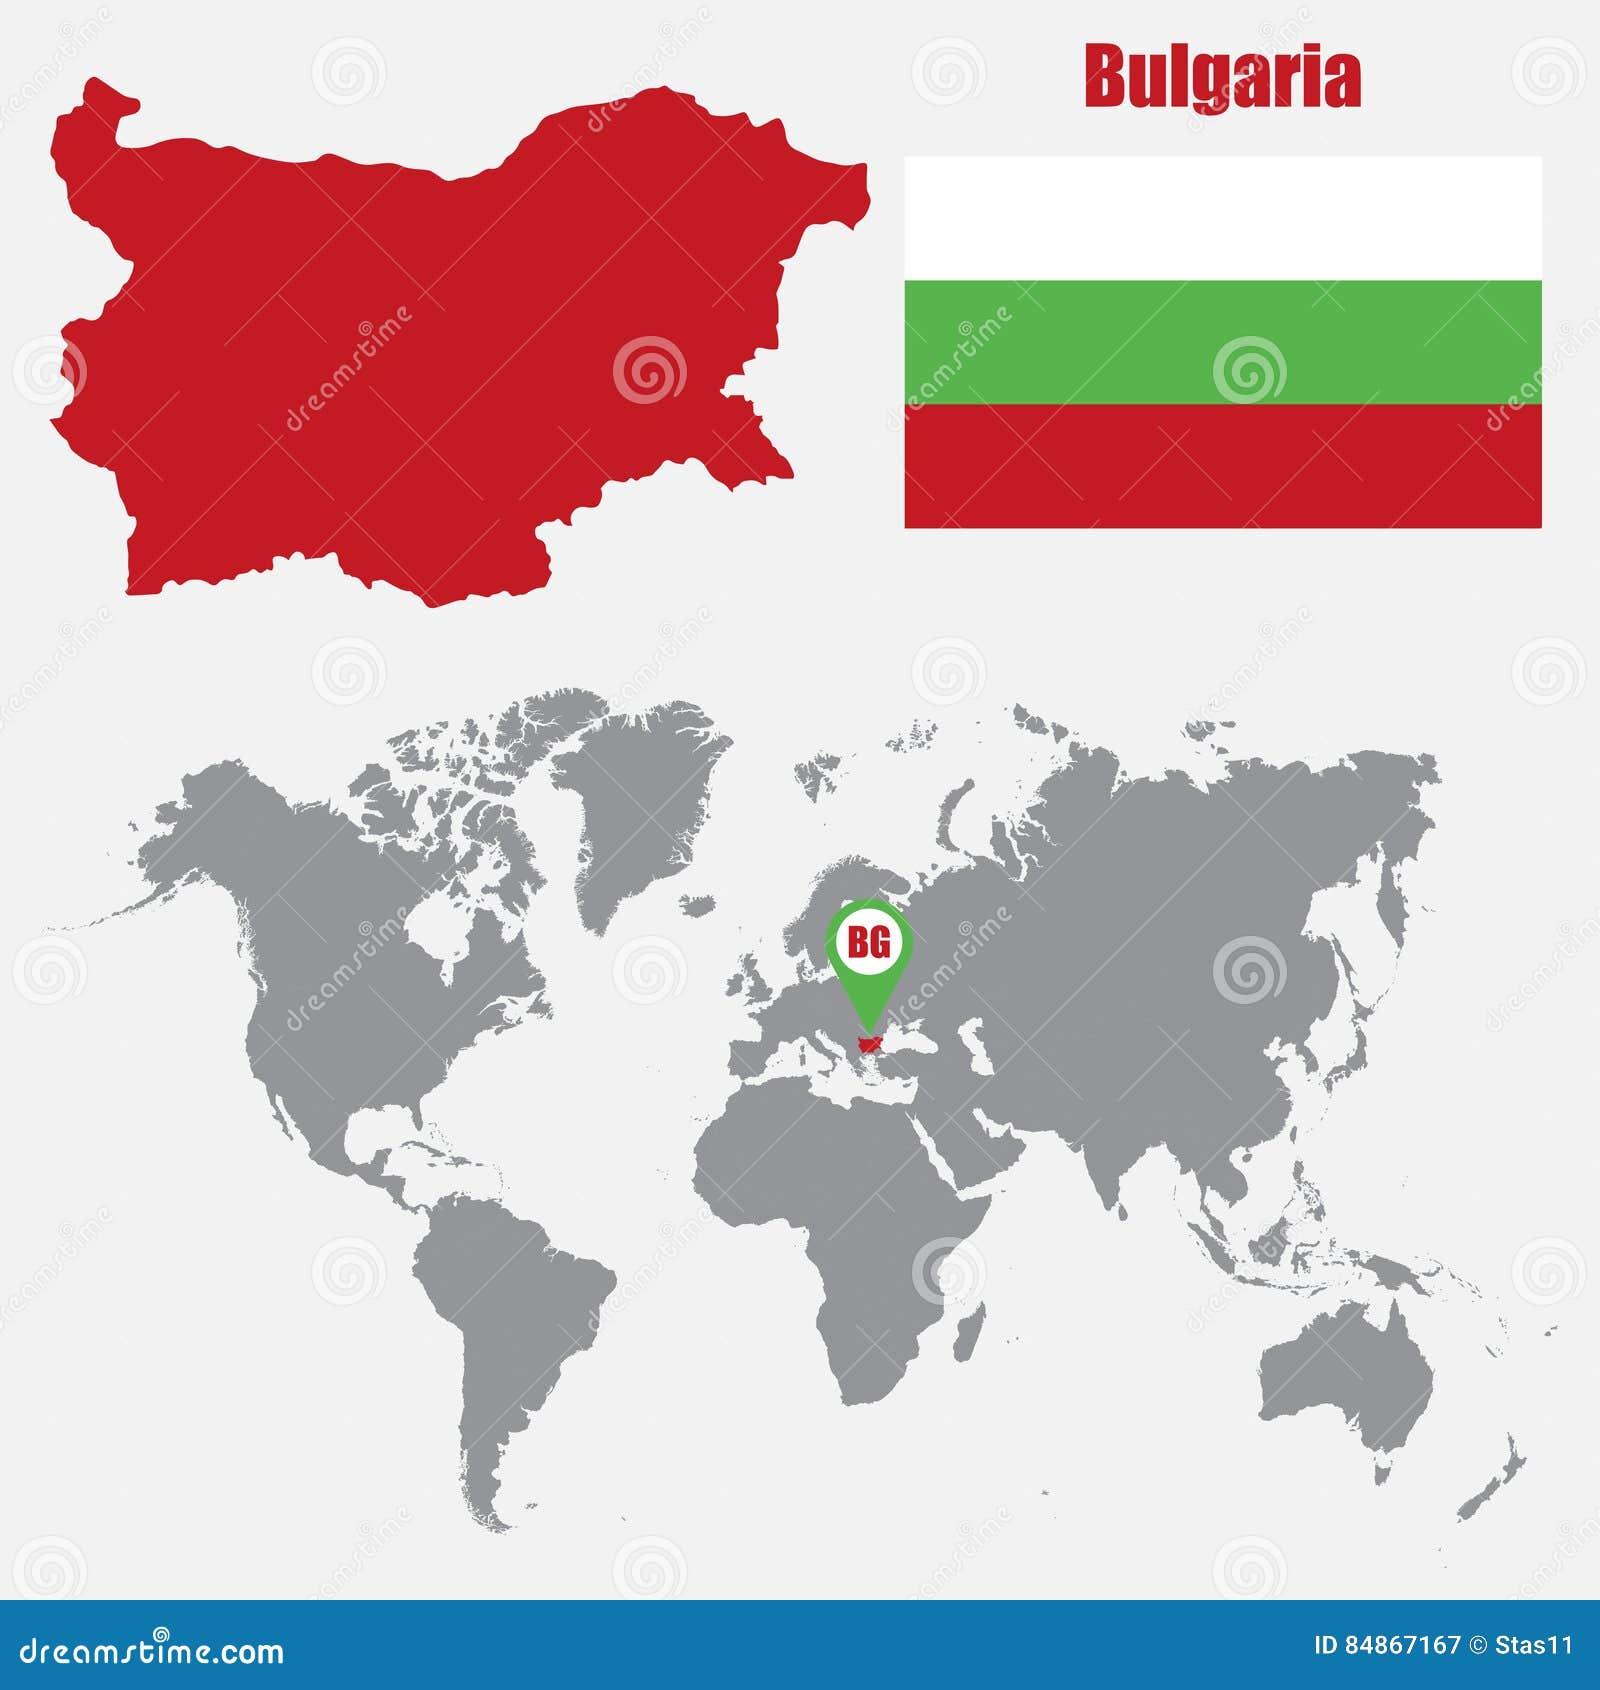 Karta Na Bulgaria.Bulgaria Mapa Na Swiatowej Mapie Z Flaga I Mapy Pointerem Rowniez